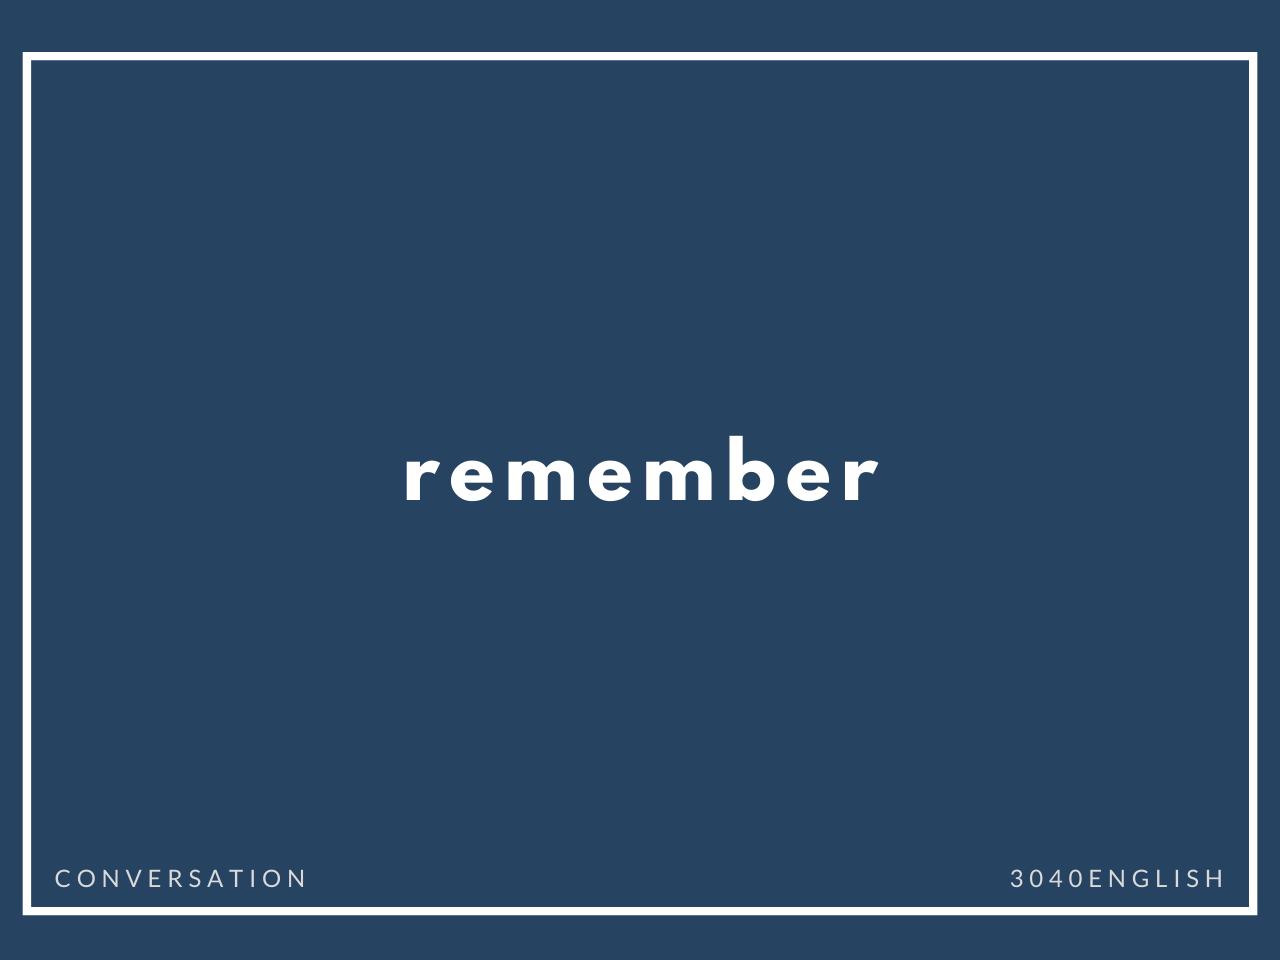 「覚える・覚えておく」の英語表現7選【単語・英会話用例文あり】